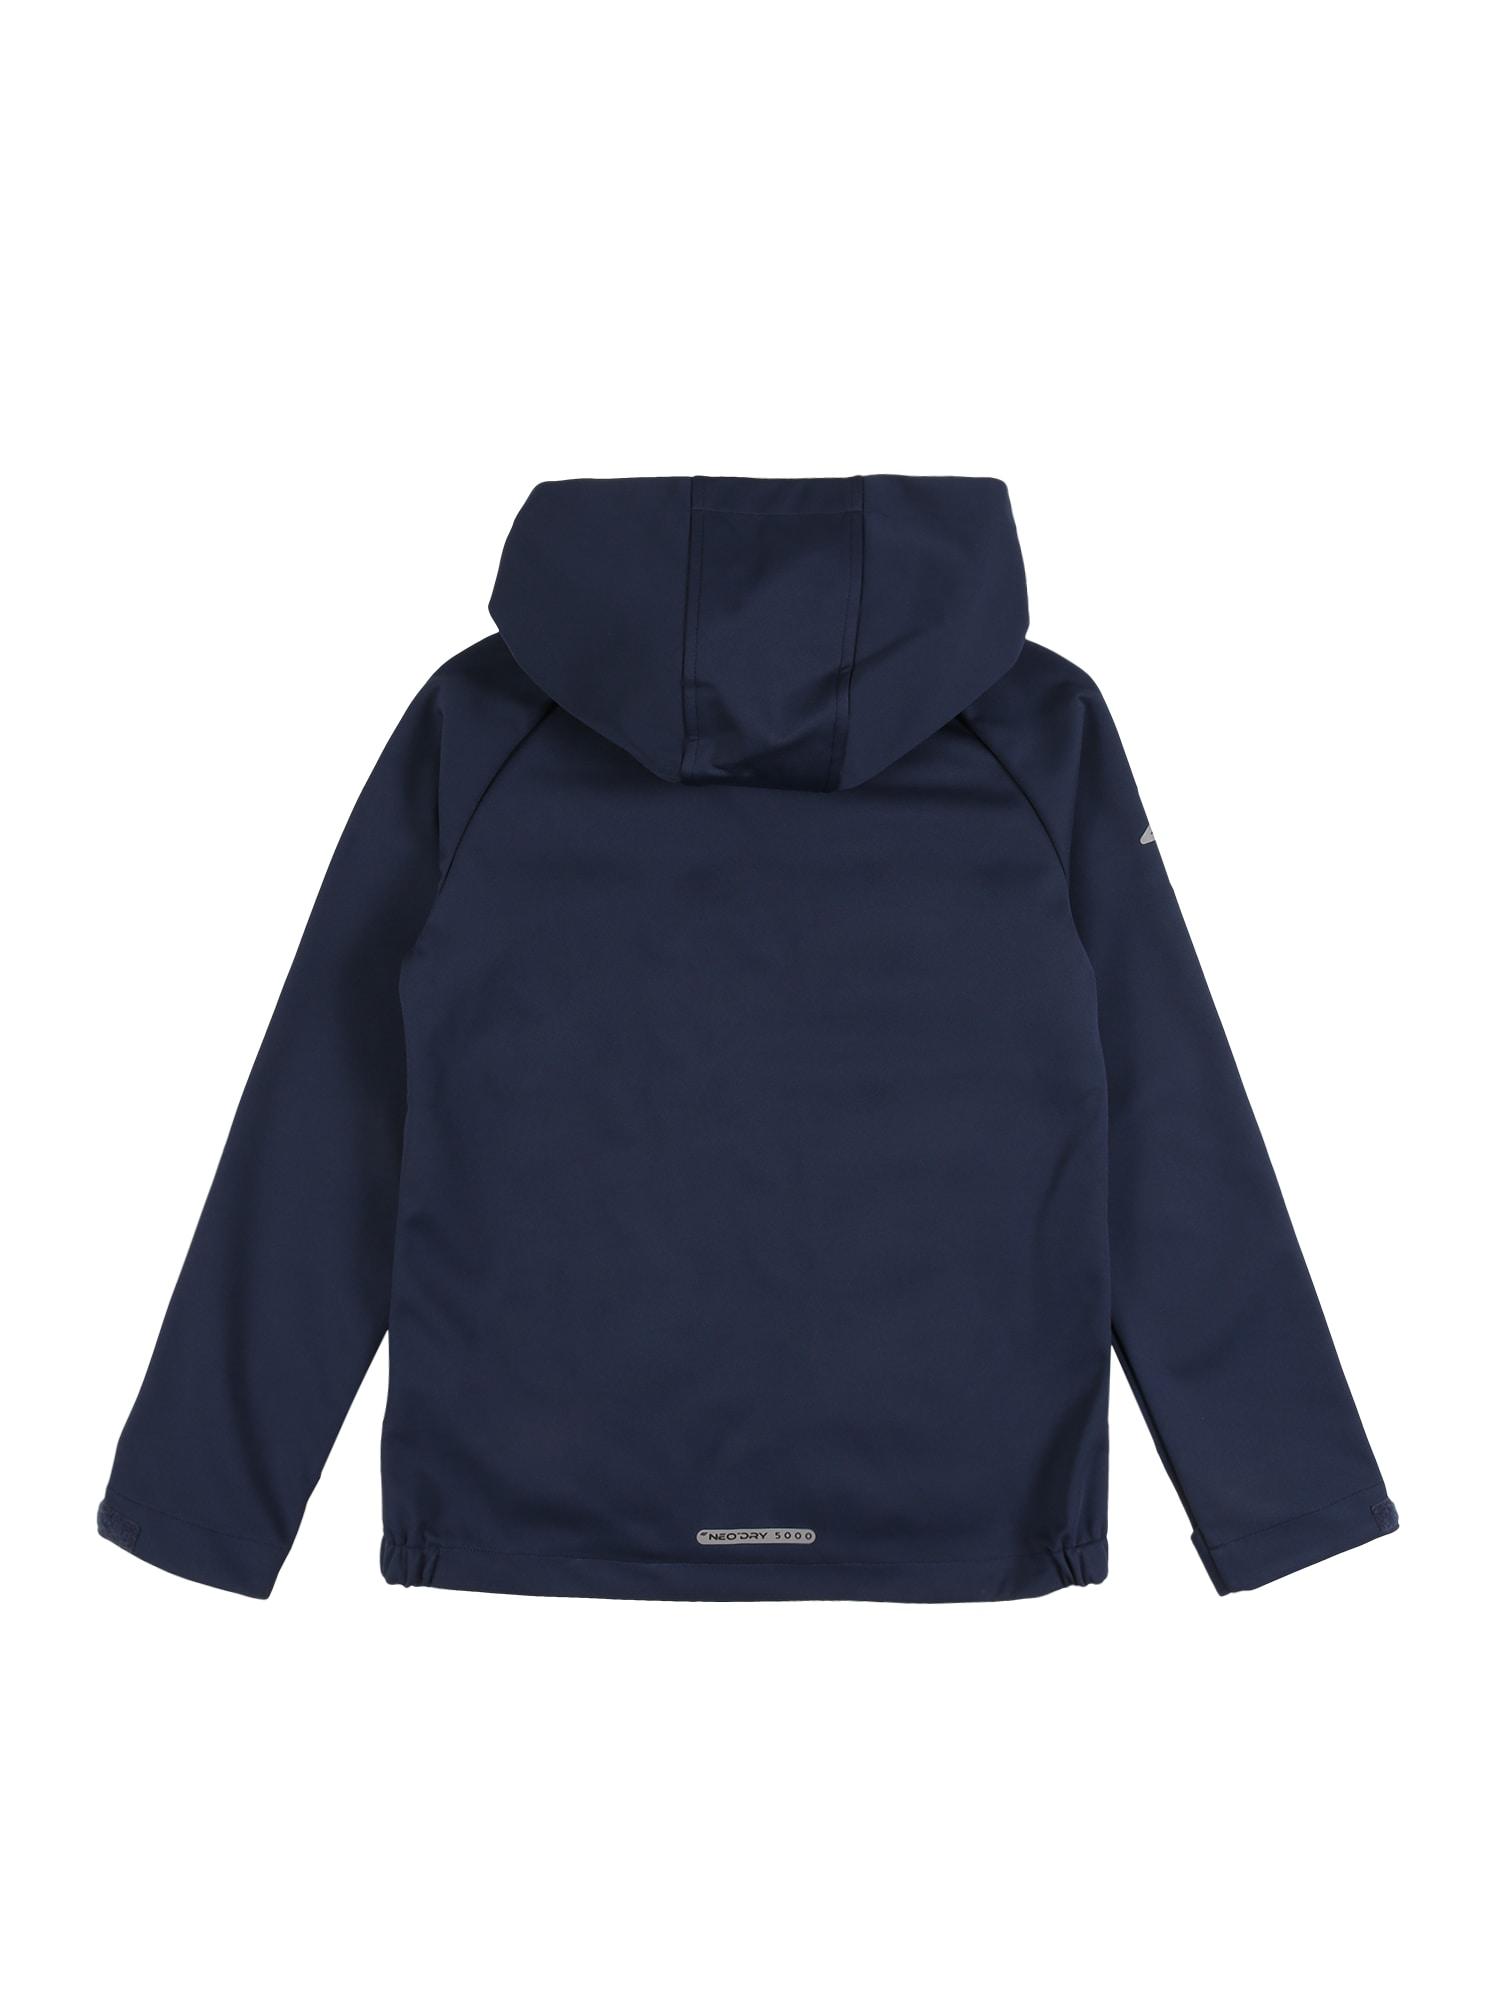 4F Outdoorjacka  gammalrosa / marinblå